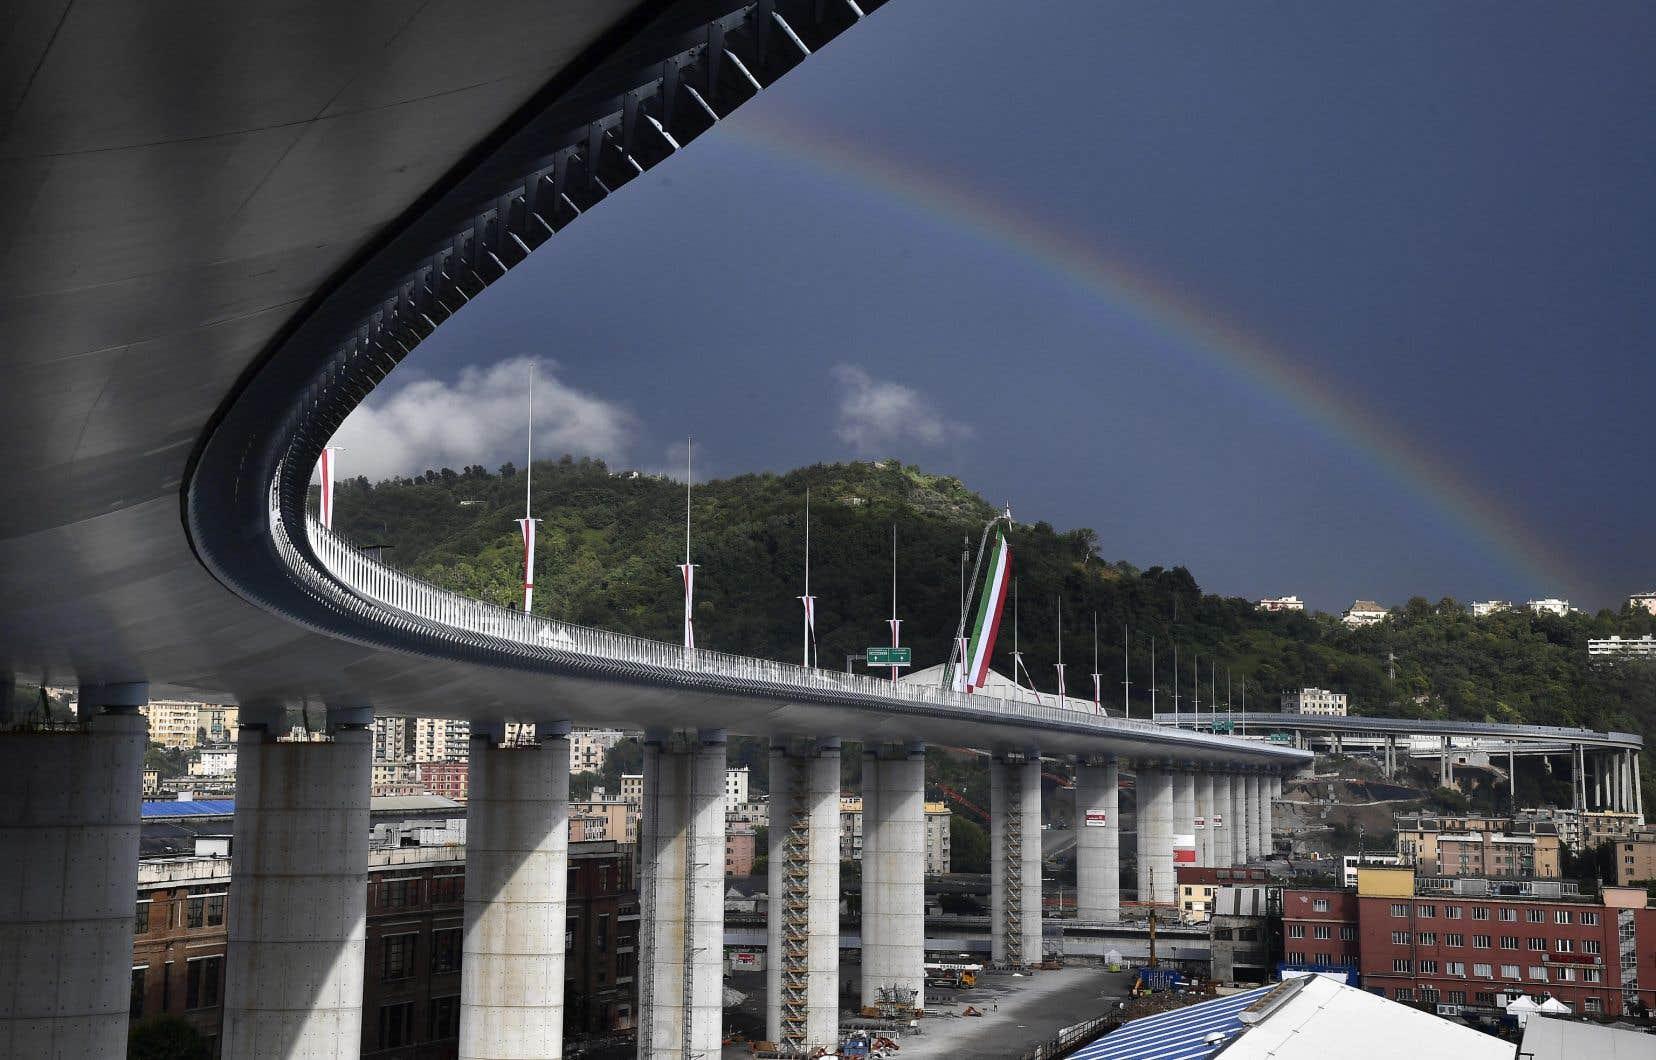 Blanc et profilé, le nouveau pont a un peu la forme de la carène d'un bateau, hommage à l'histoire maritime de la ville.